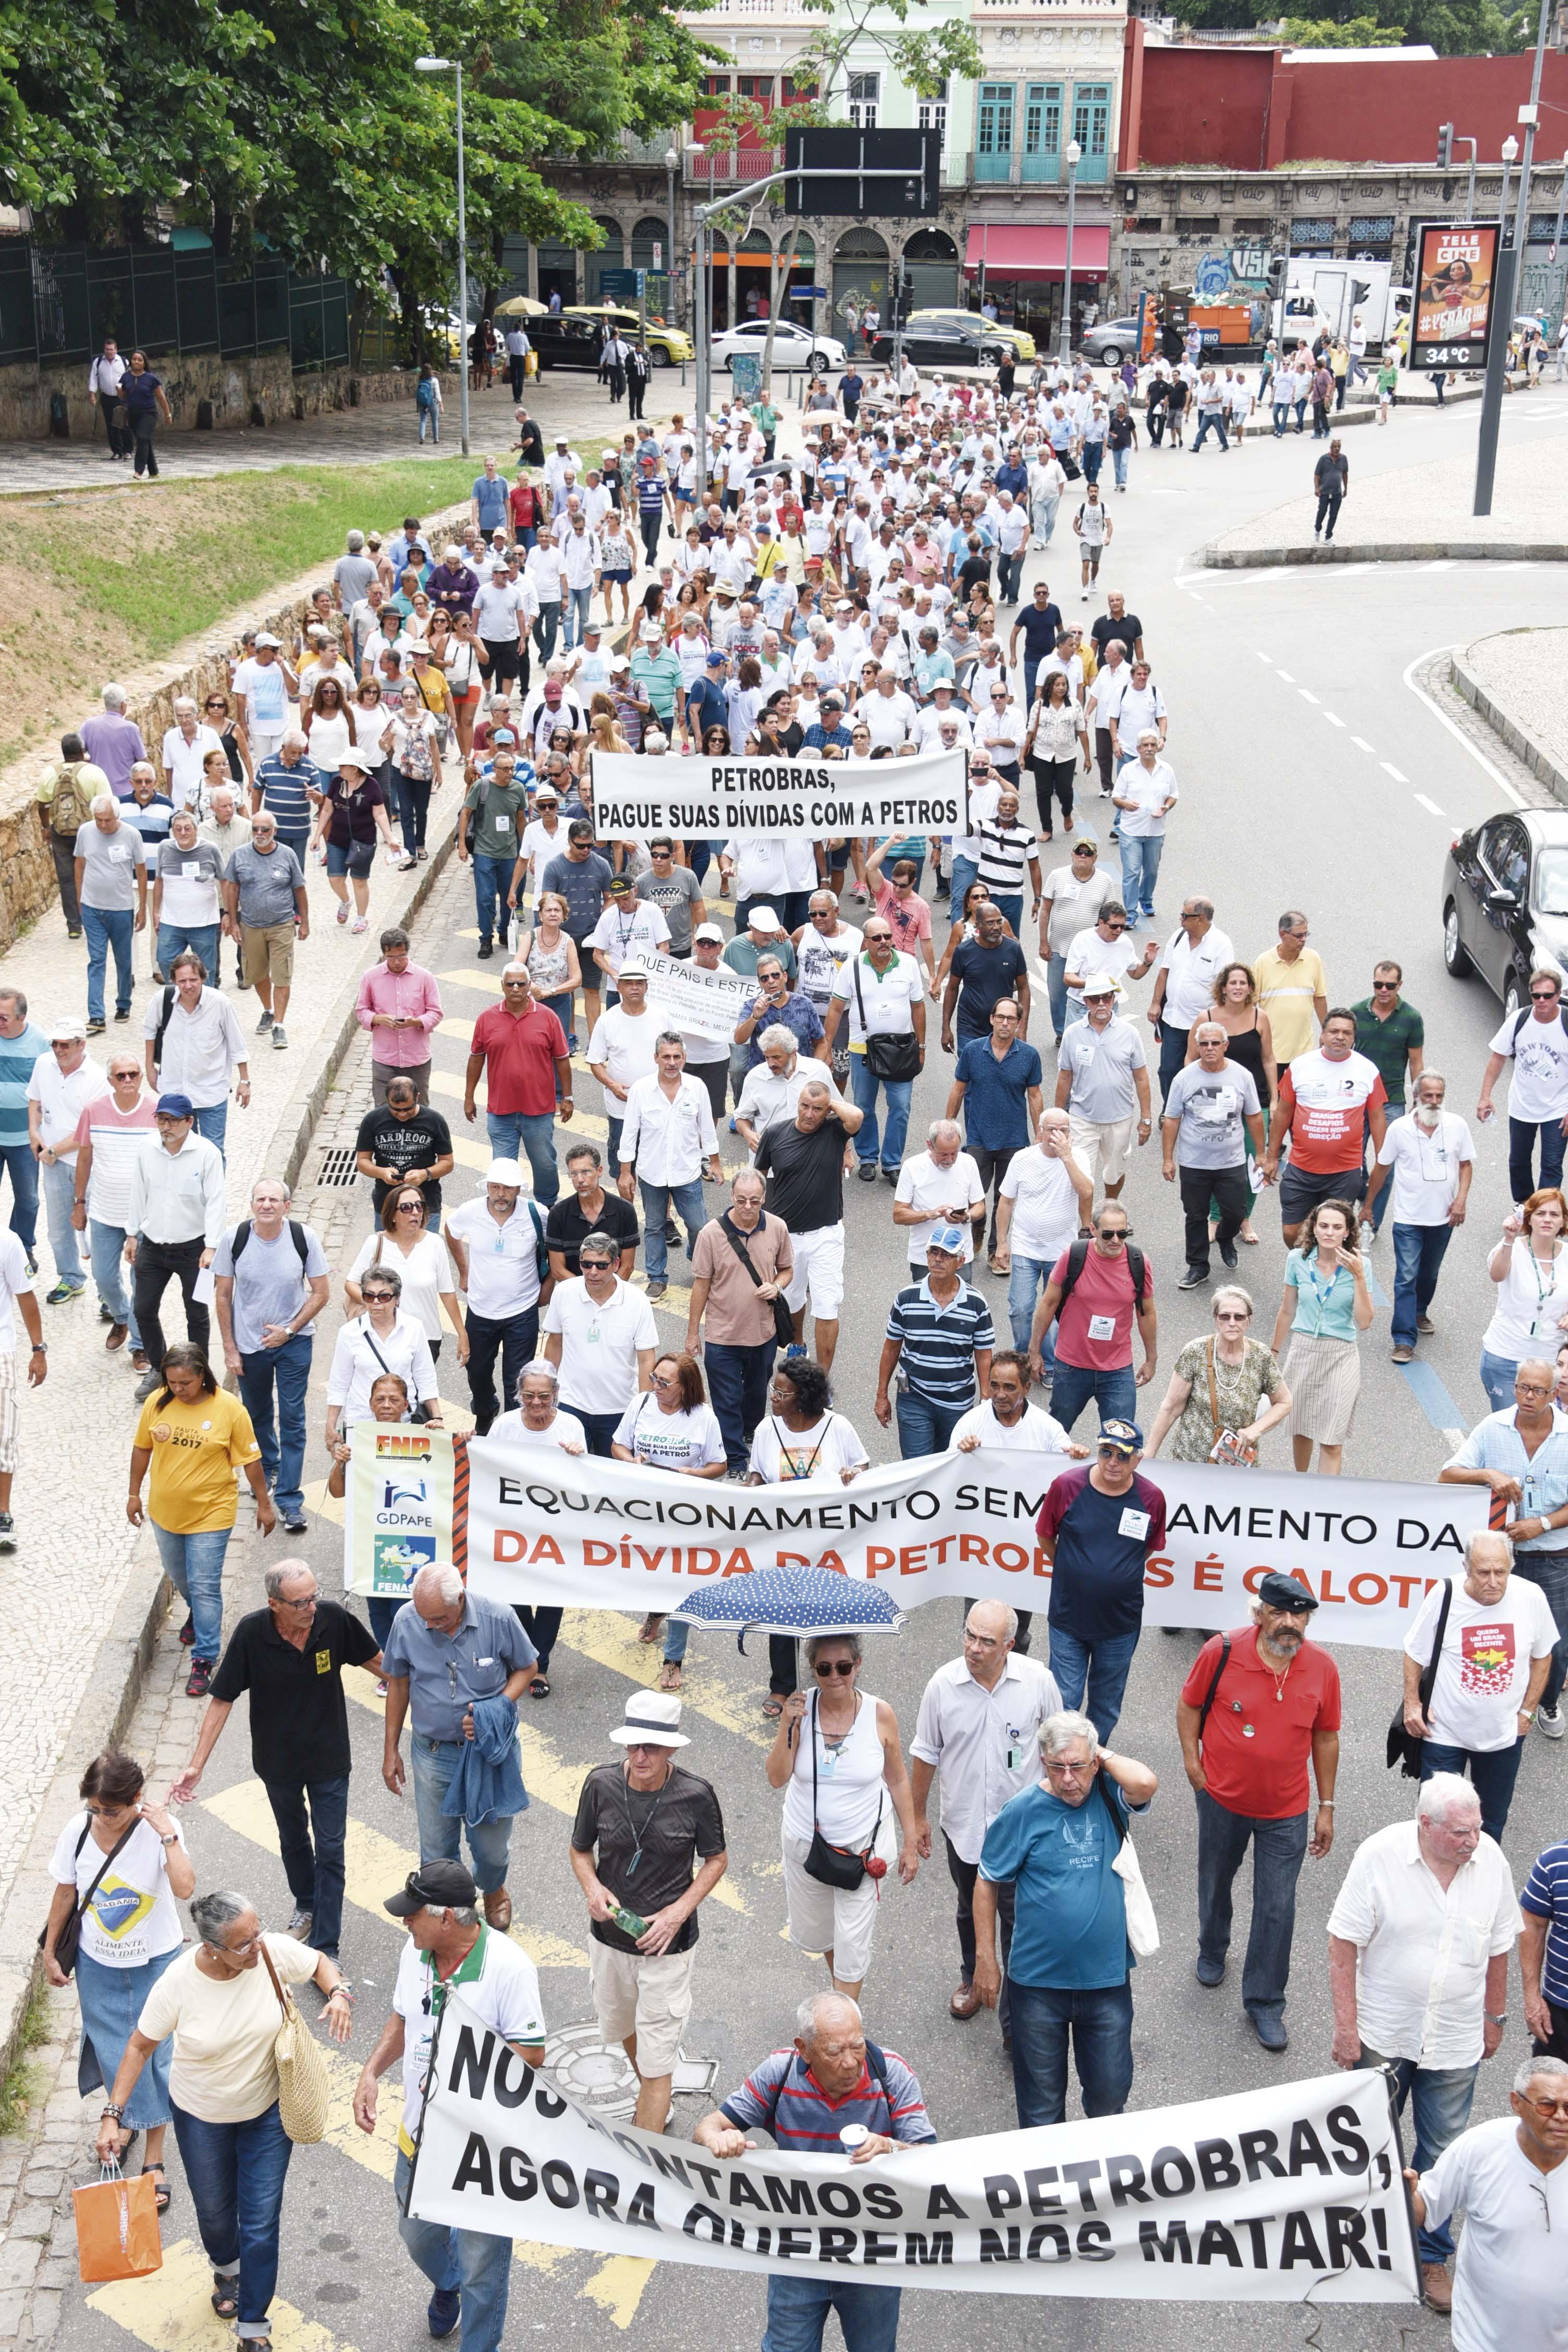 Petros: grande manifestação e ações em andamento Ato em Defesa da PETROS 21 02 2018 DSC 3759